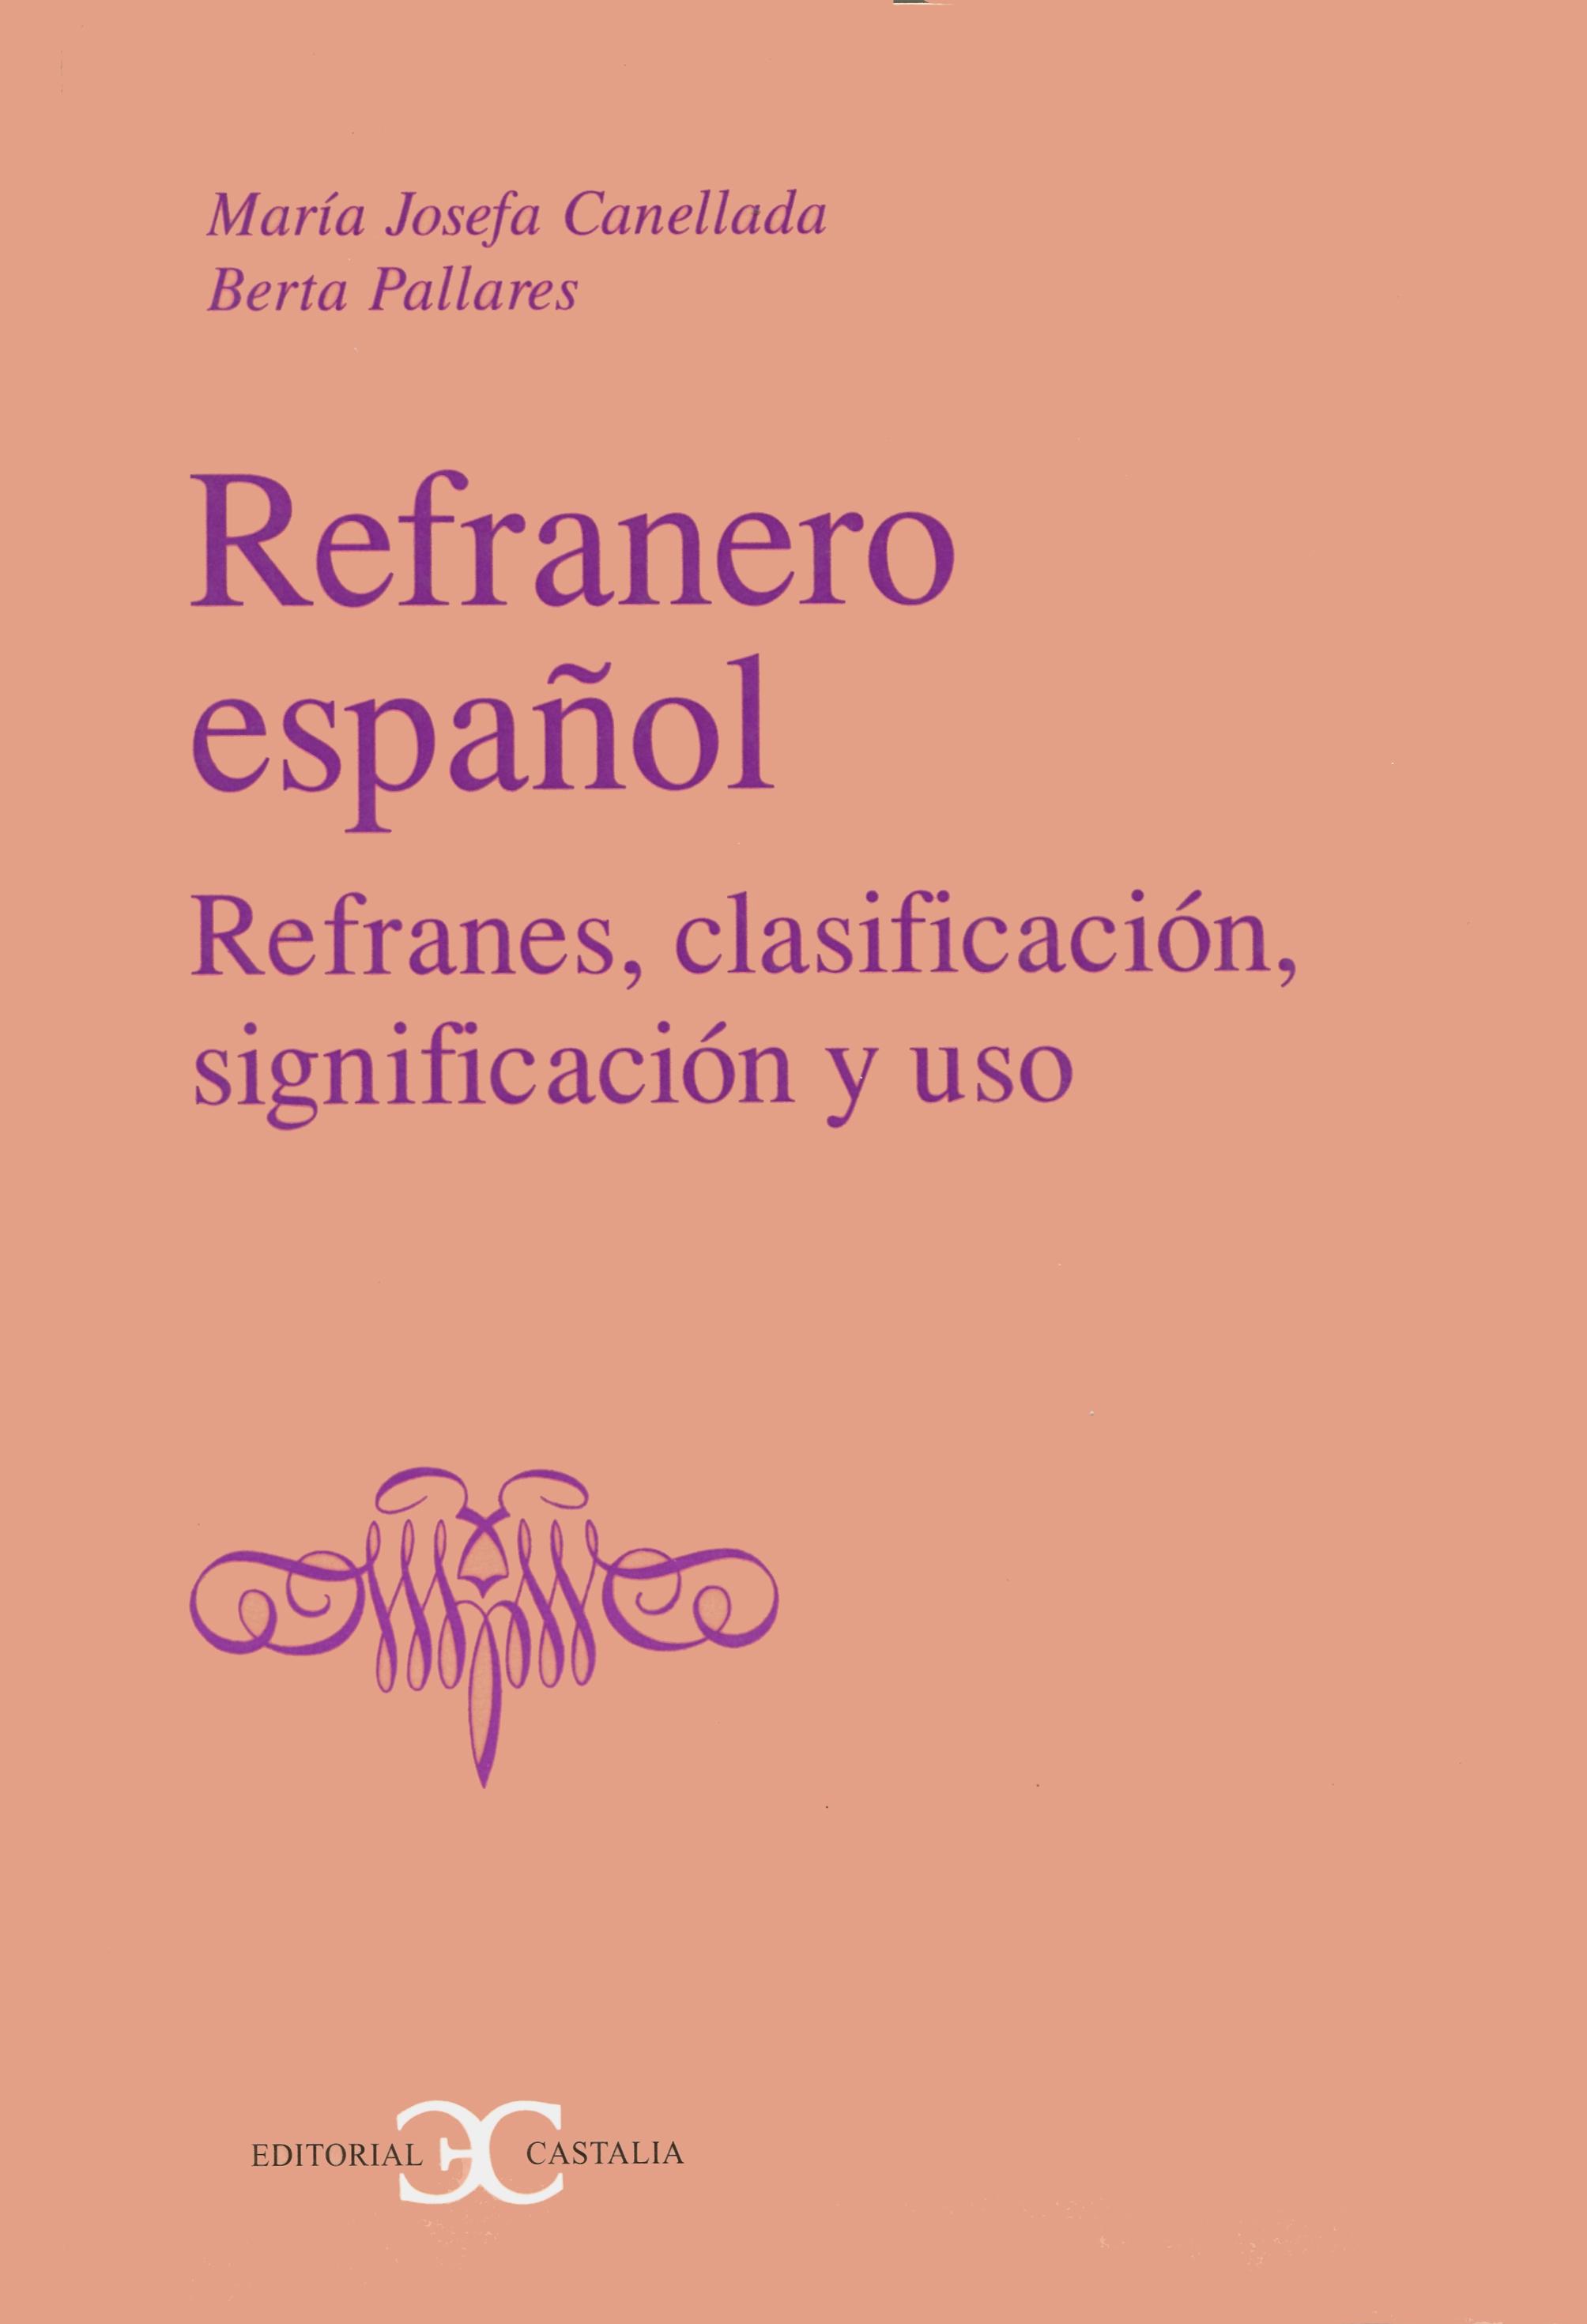 Refranero español